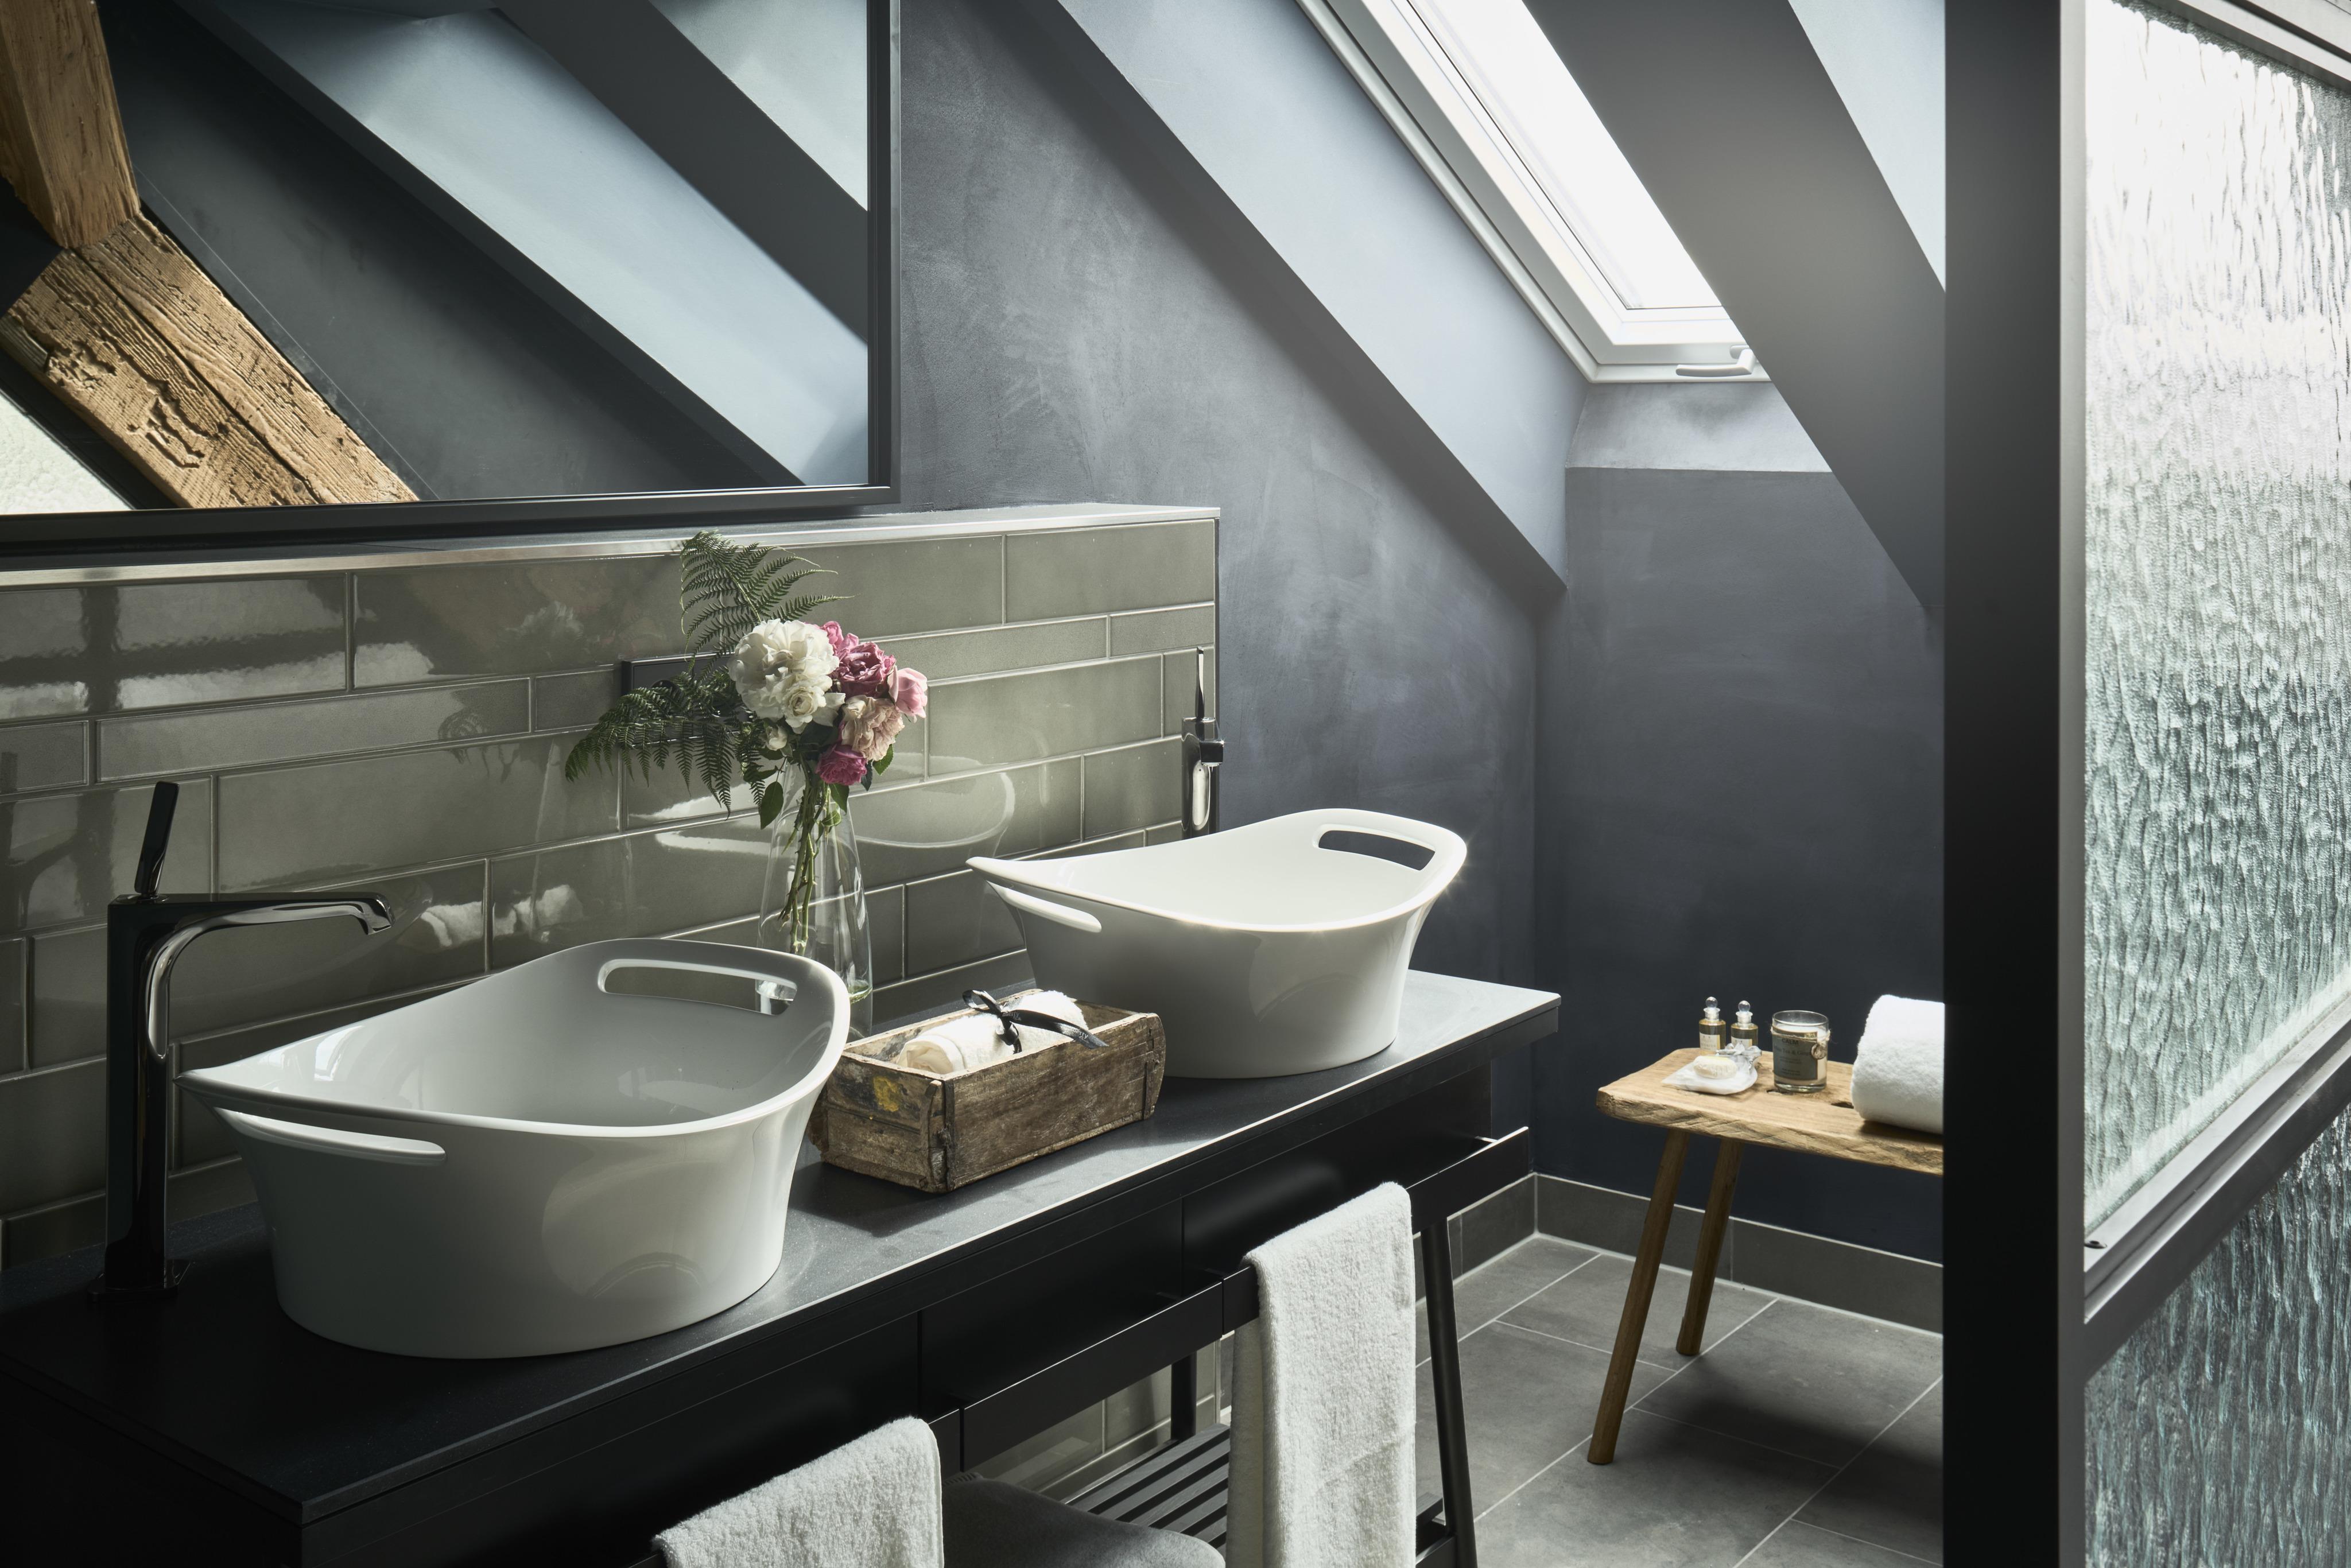 Arredo Bagno Per Hotel.Axor E Partner Di Design Hotels Per L Arredo Bagno Hotel Domani